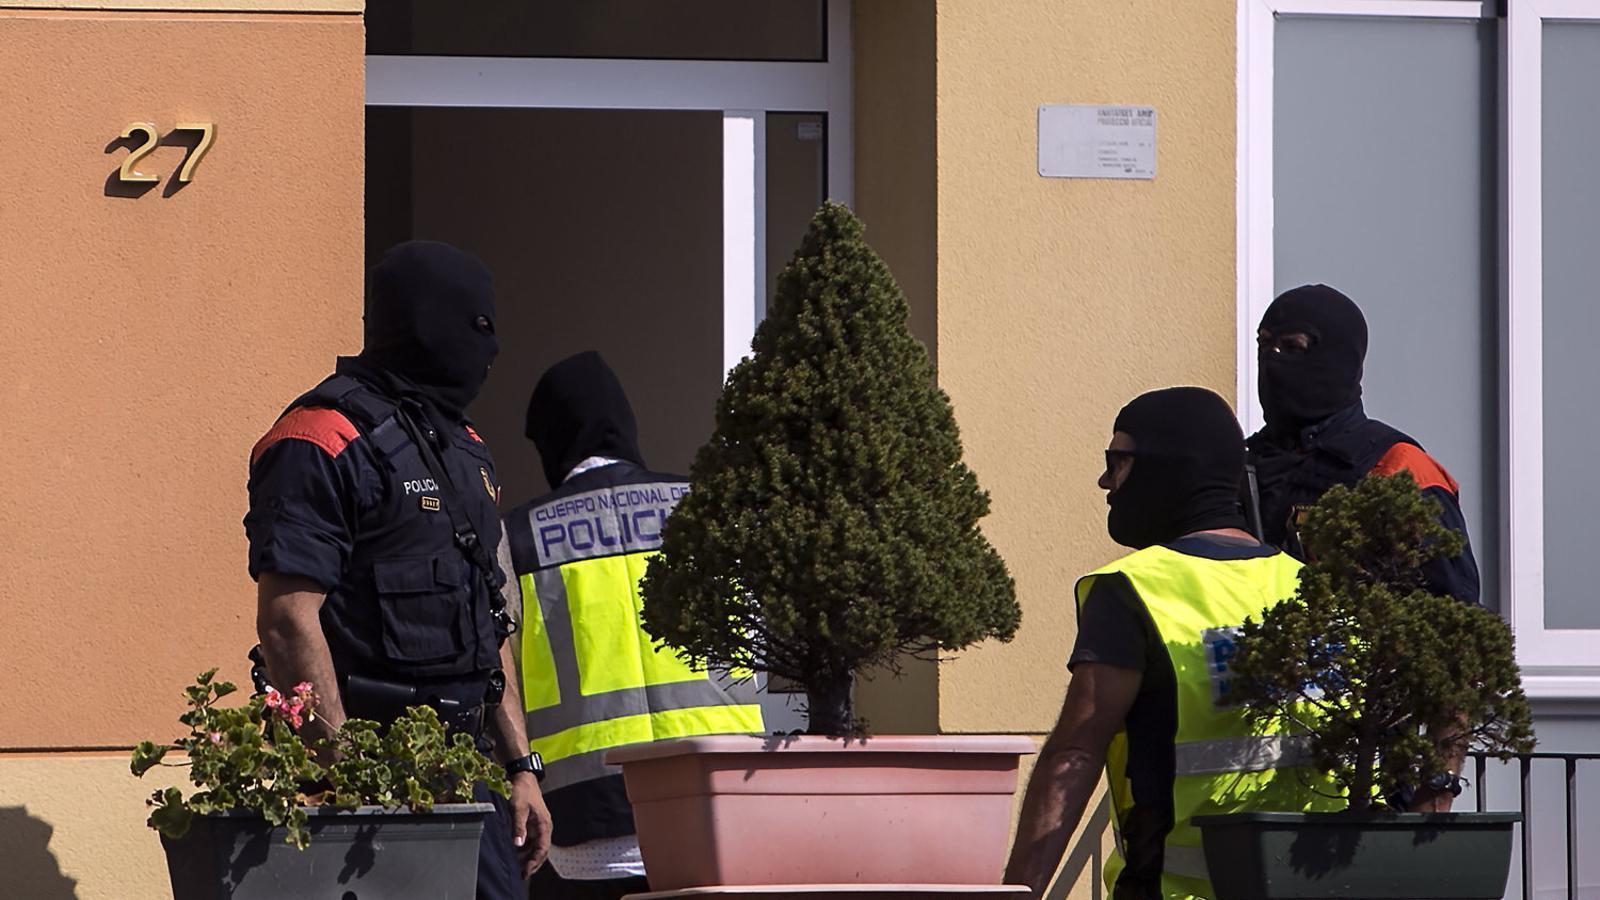 Un dels escorcolls fets a un pis de Ripoll on vivien integrants de la cèl·lula terrorista.